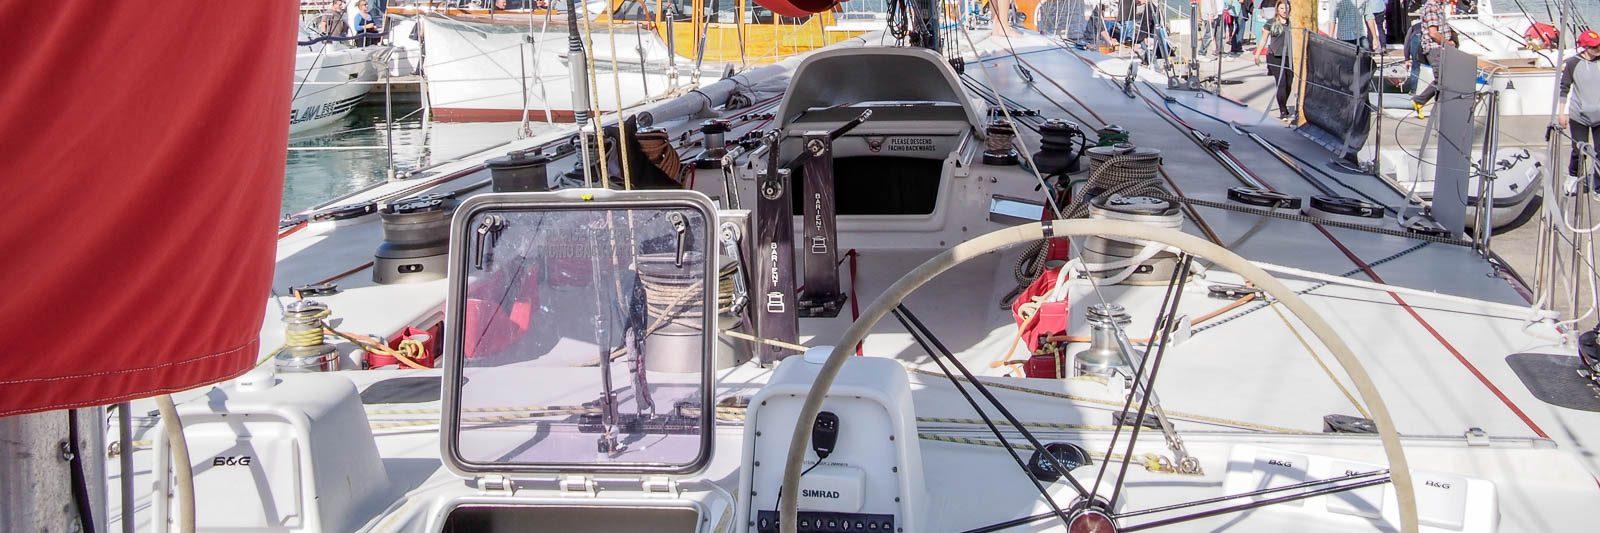 Steinlager 2 maxi yacht